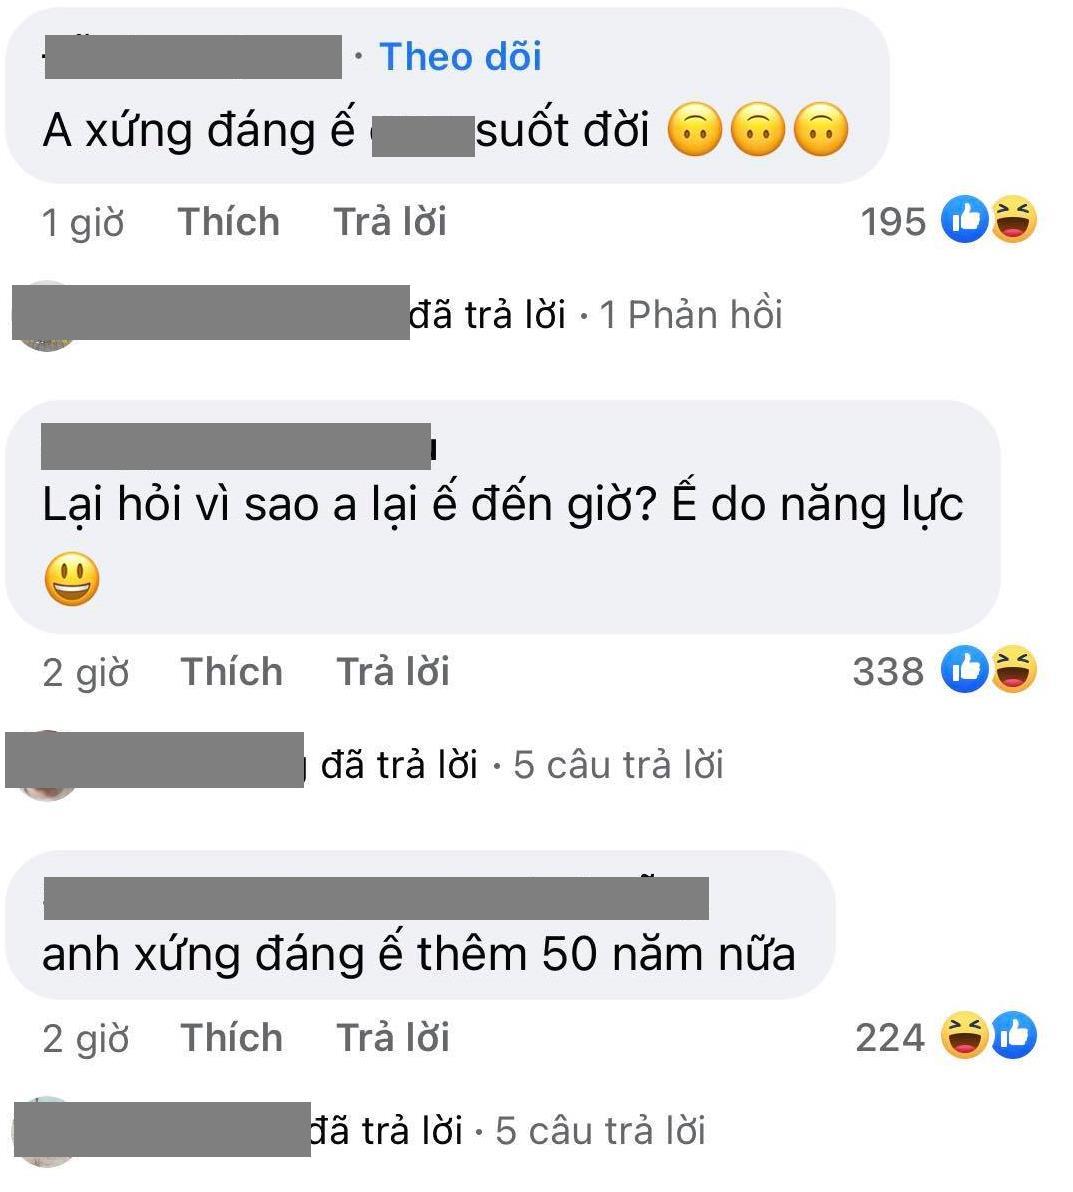 Netizen phũ phàng với nam chính U40 tìm vợ trinh nguyên: Xứng đáng ế suốt đời, nếu giàu thì hợp với Đoan Minh - Ảnh 4.